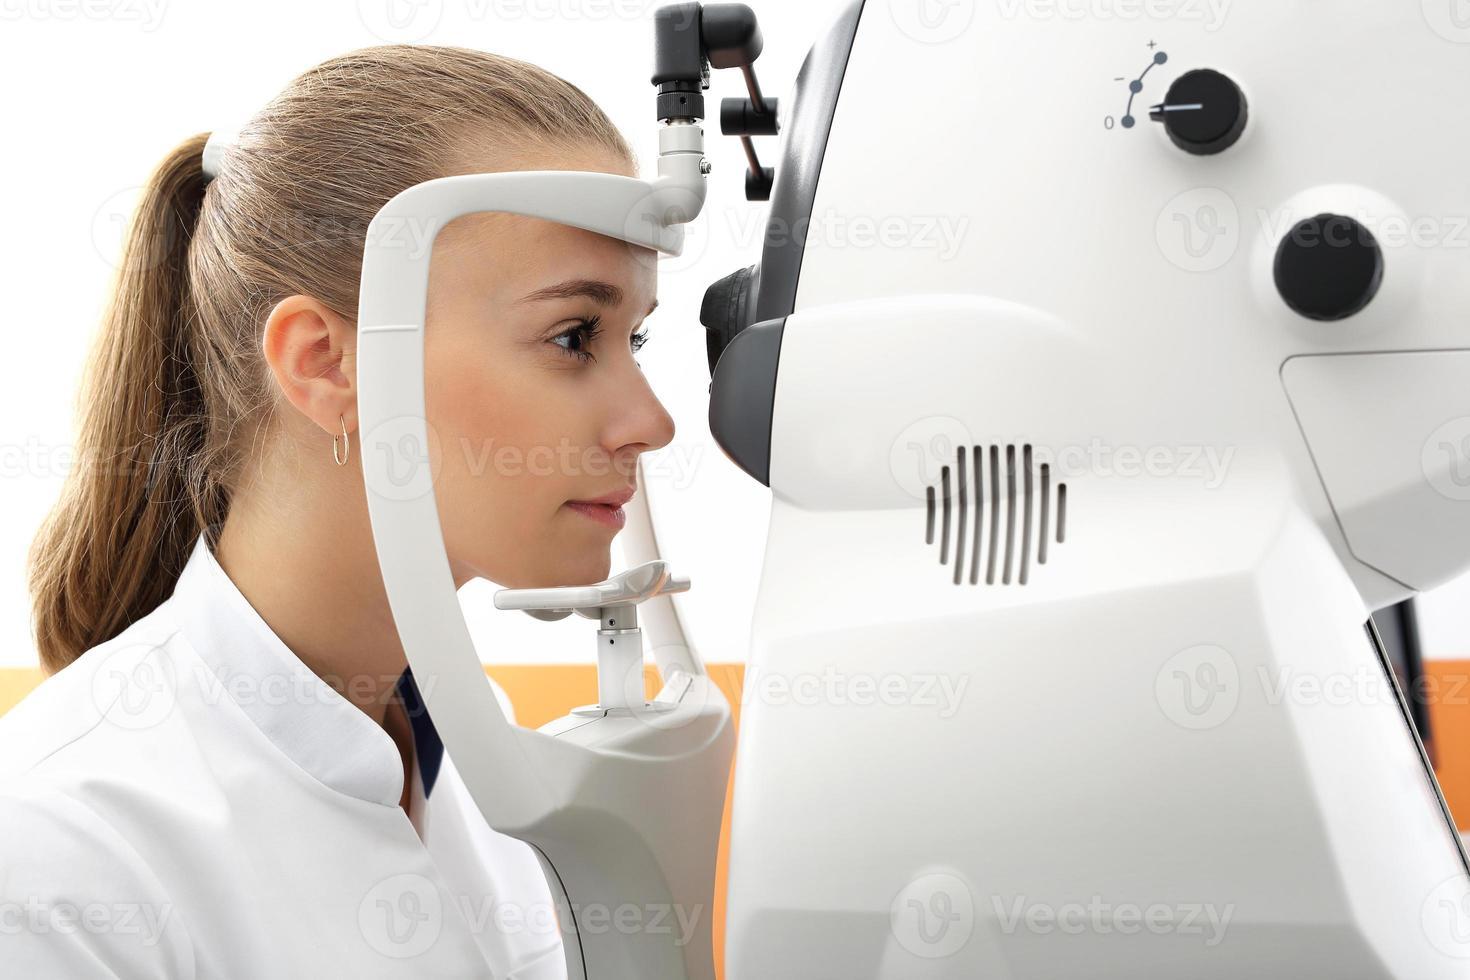 esame oculistico, il paziente in clinica oculistica foto